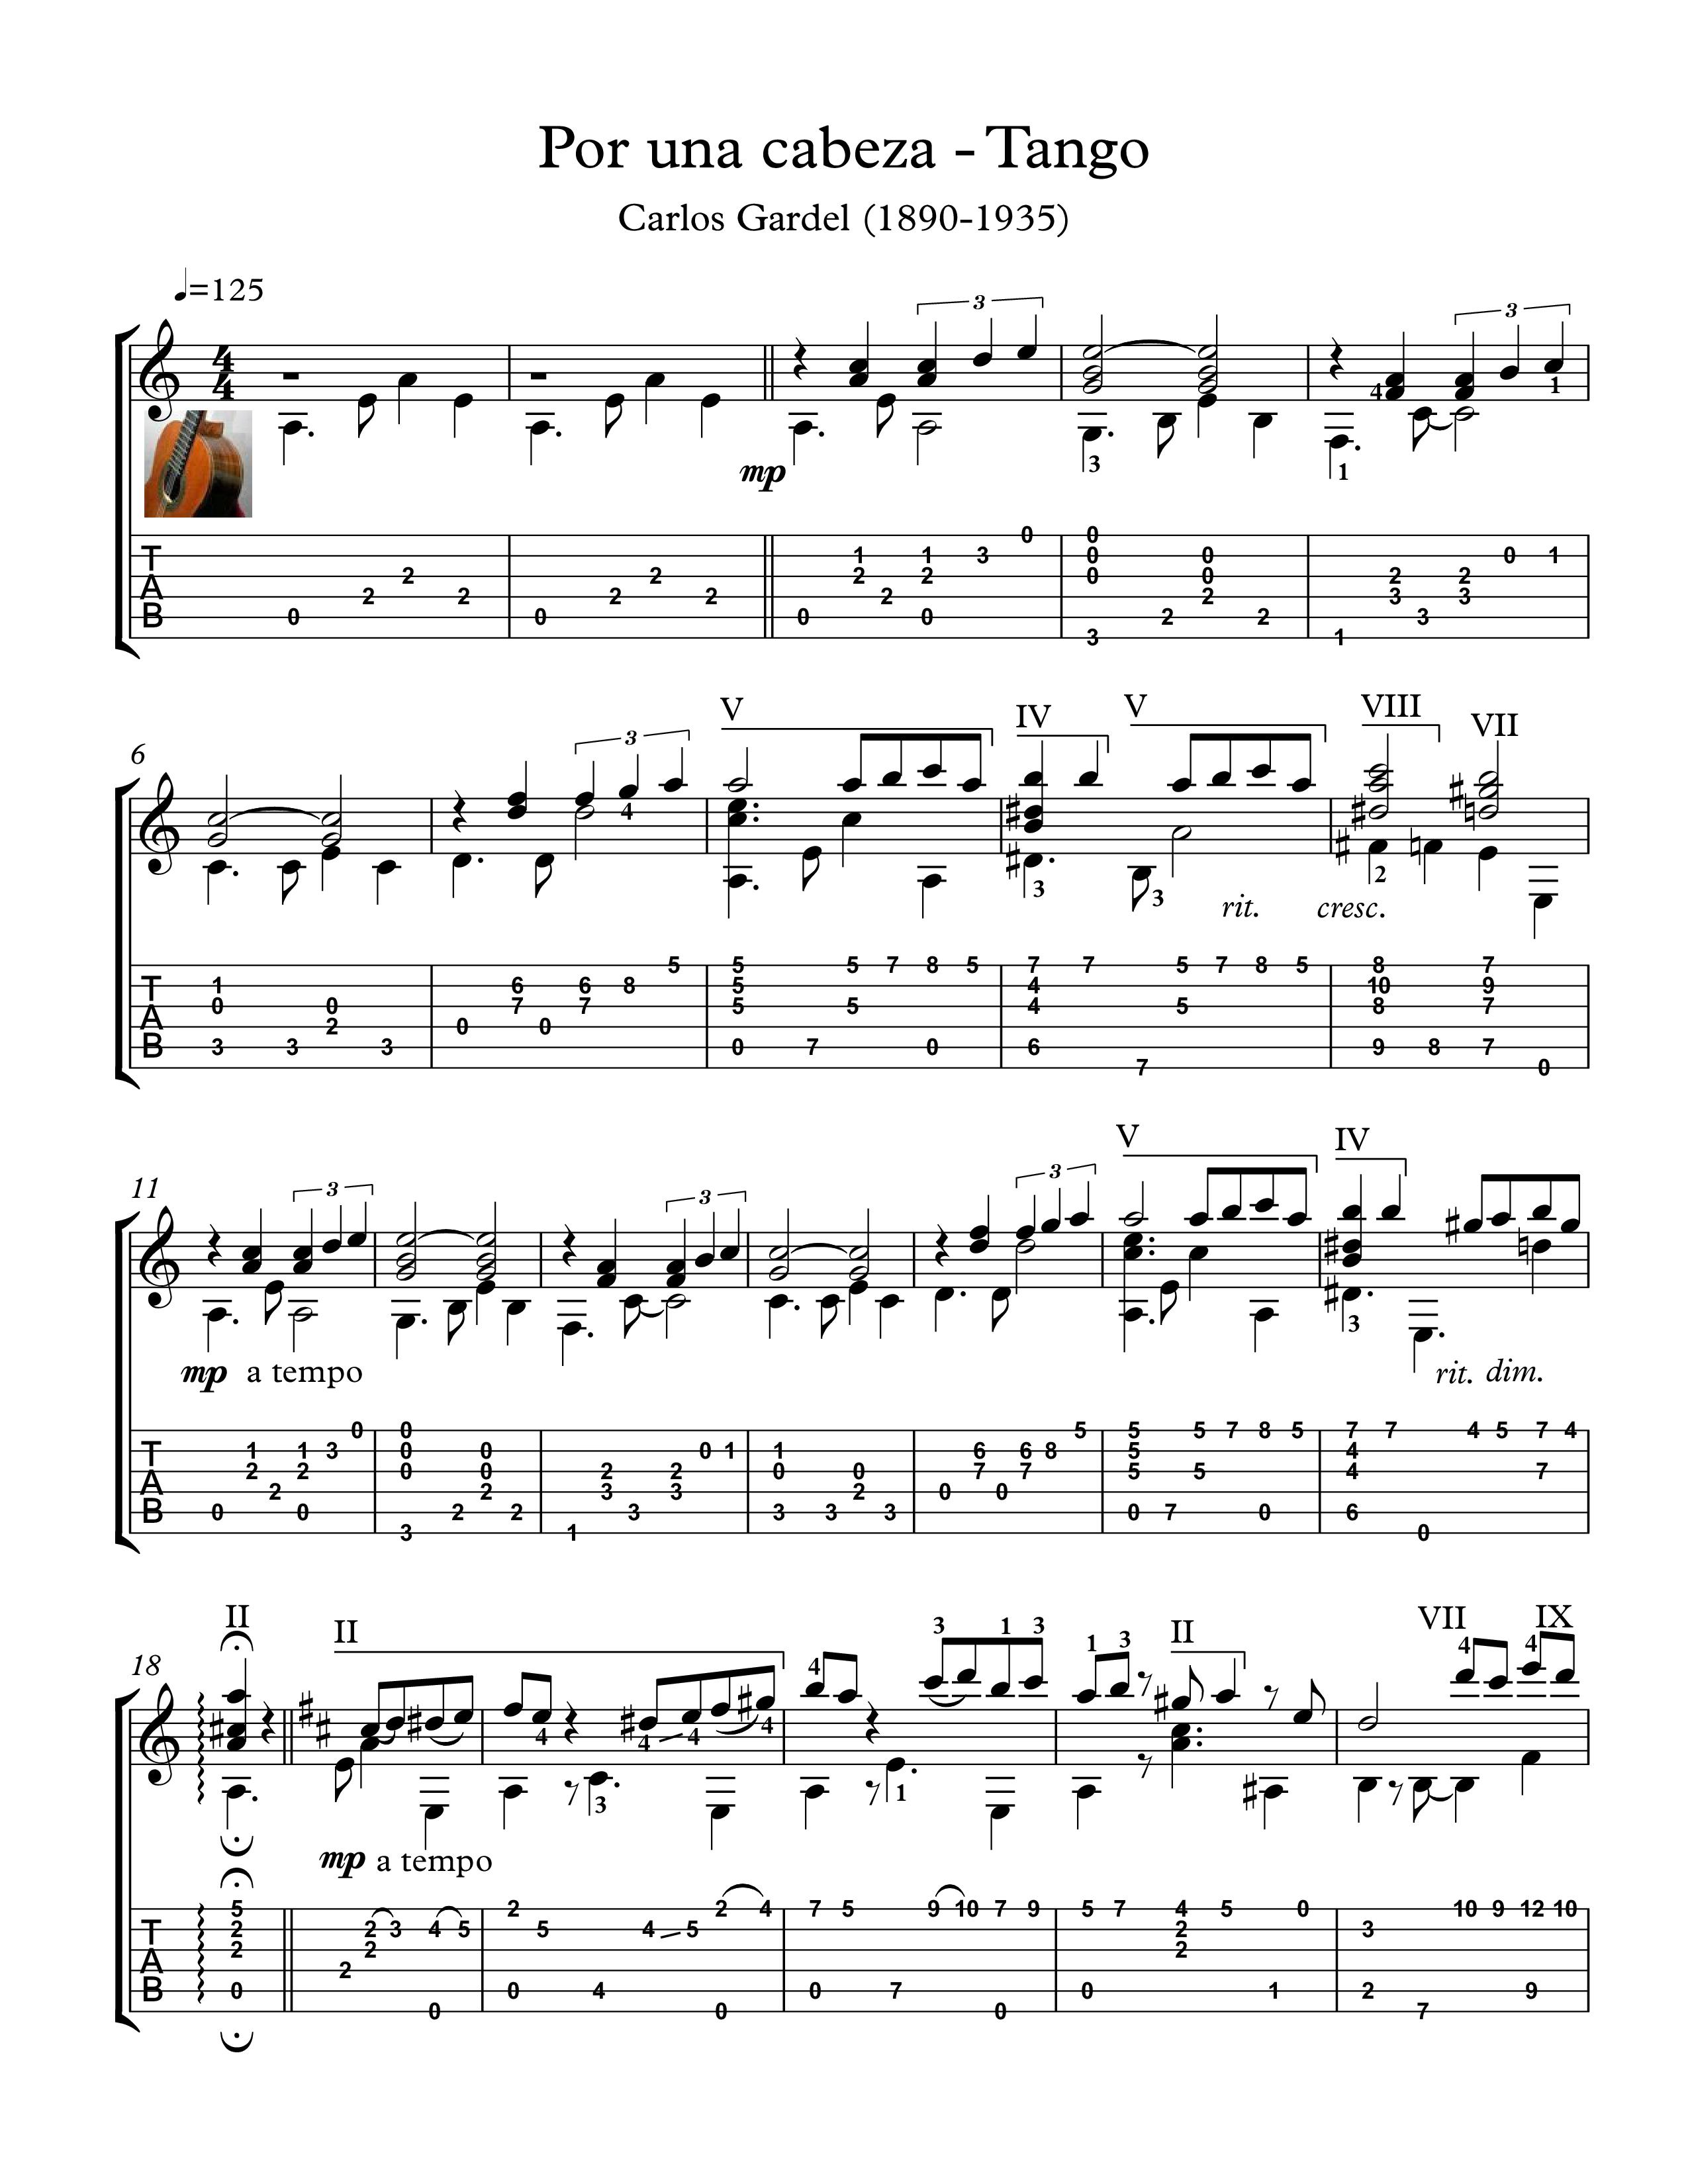 musicas gratis carlos gardel